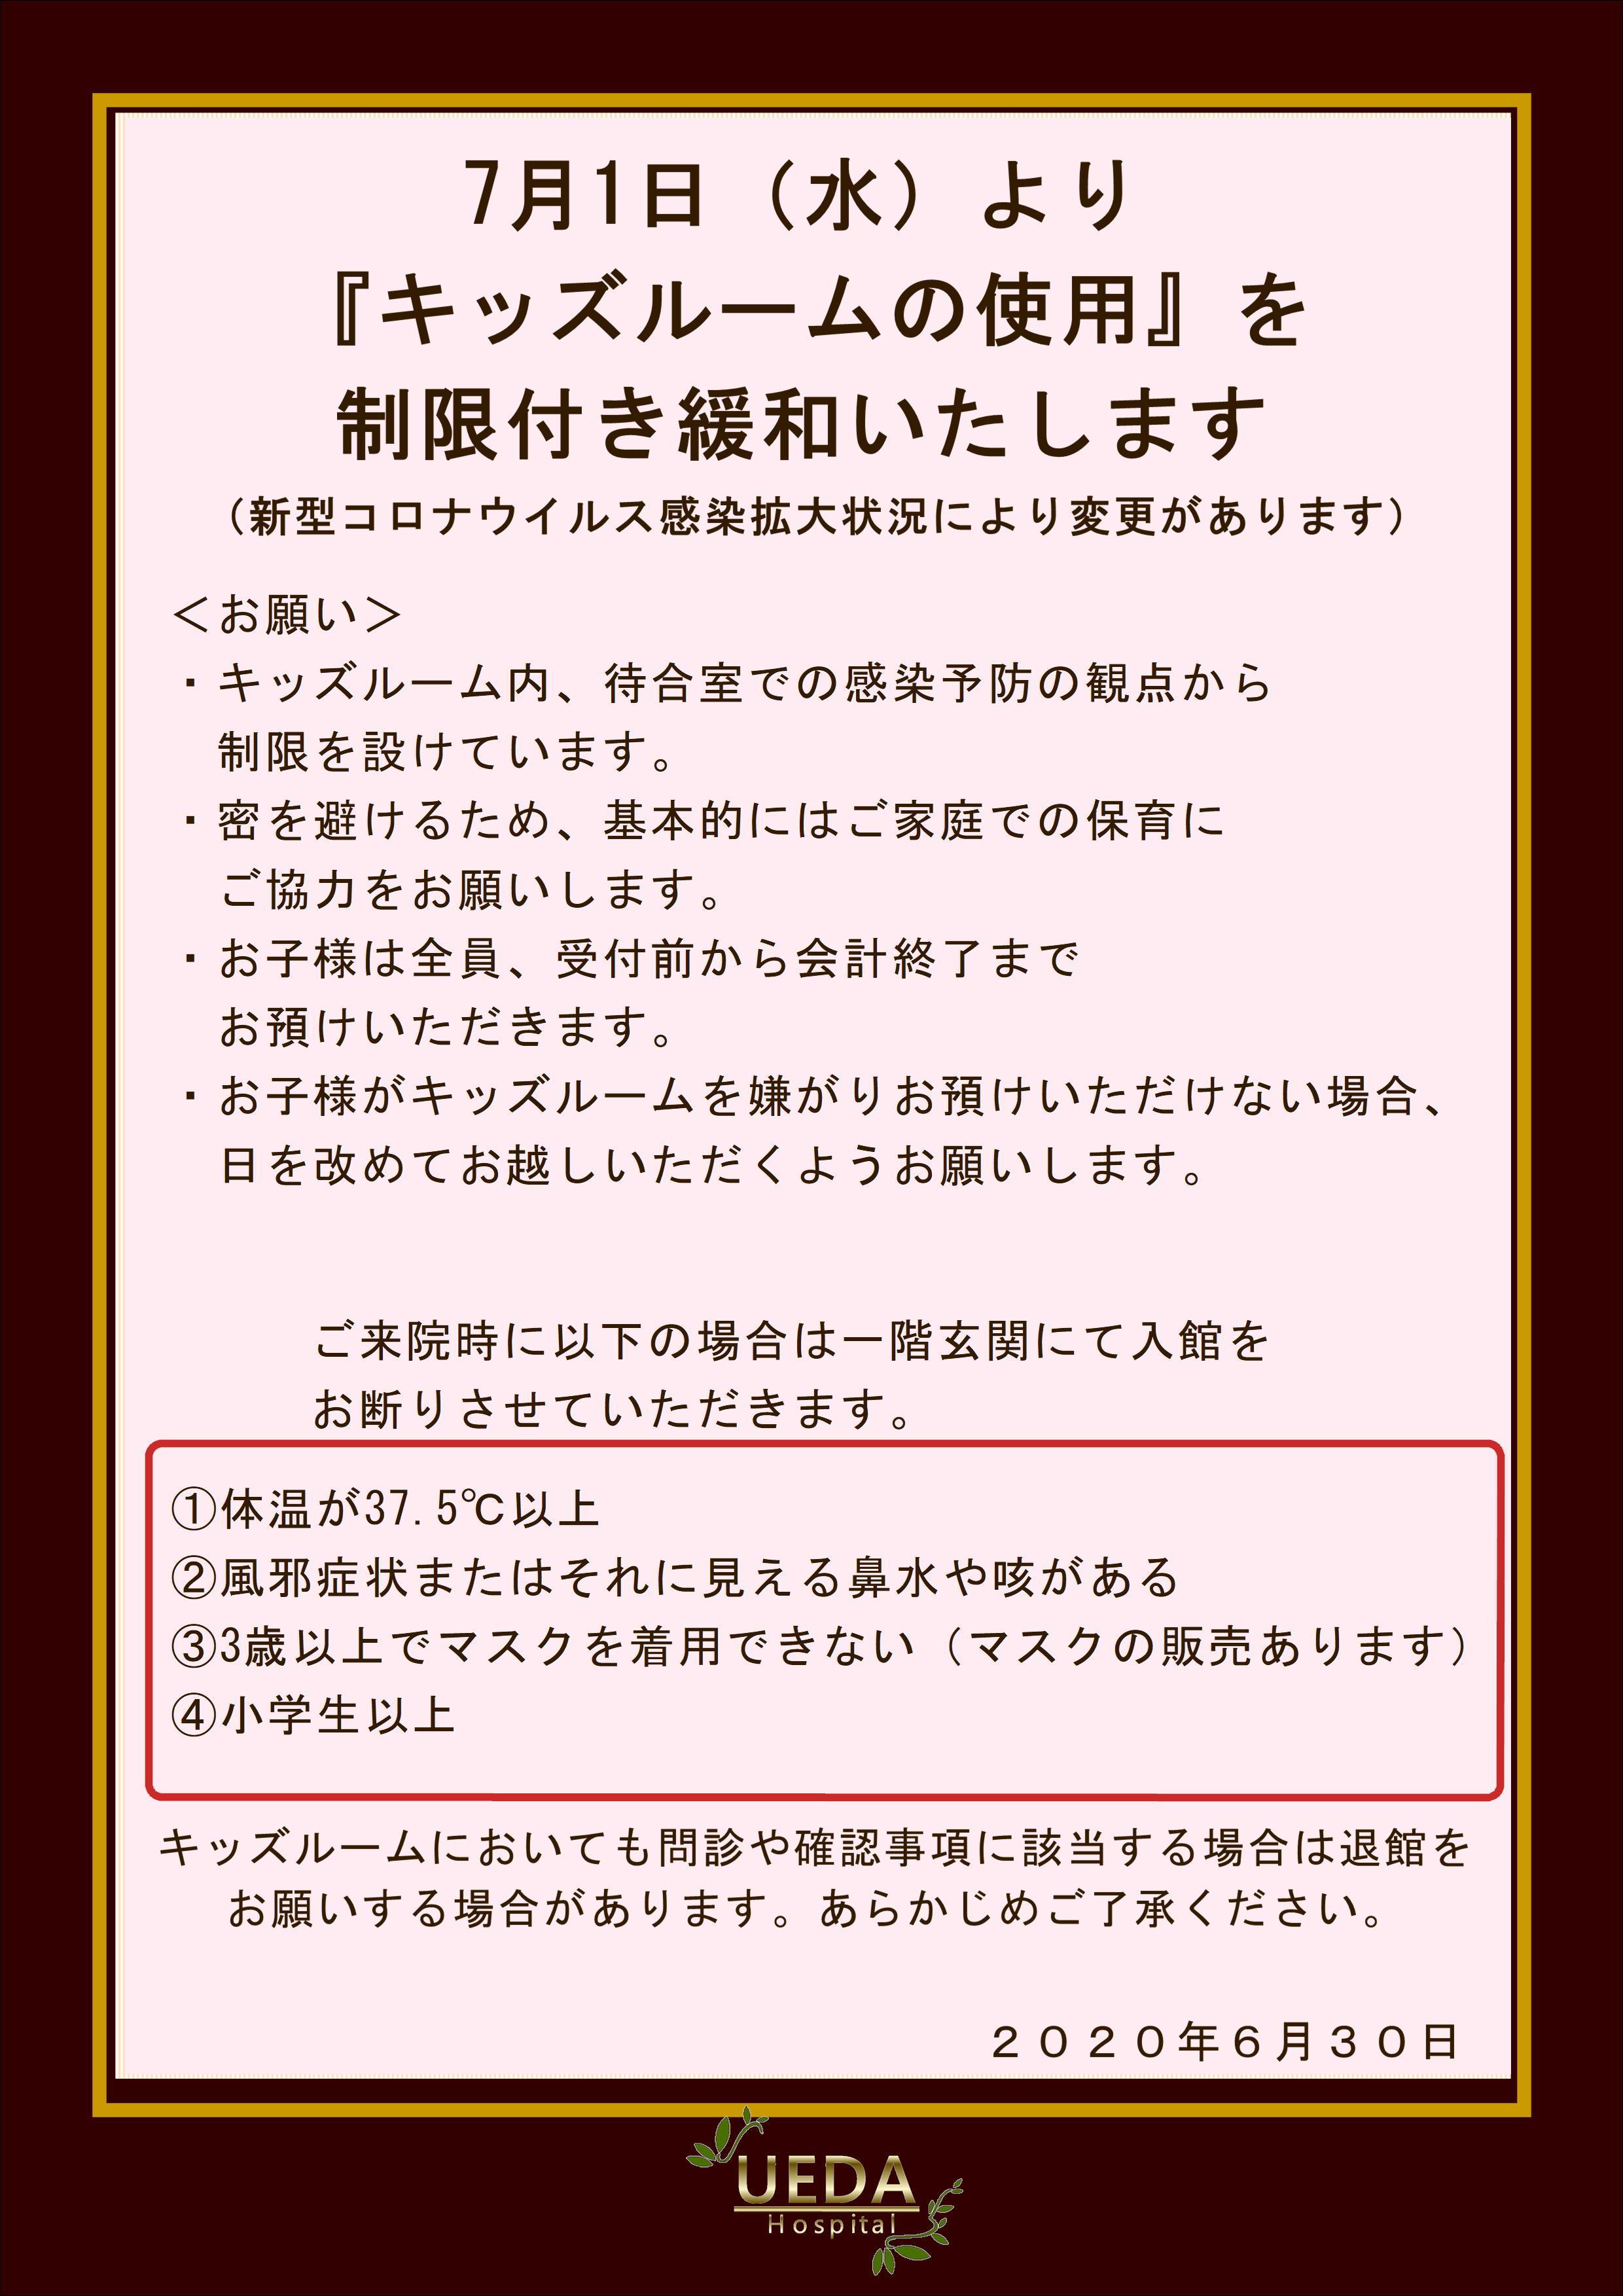 キッズルーム緩和7.1~.JPG